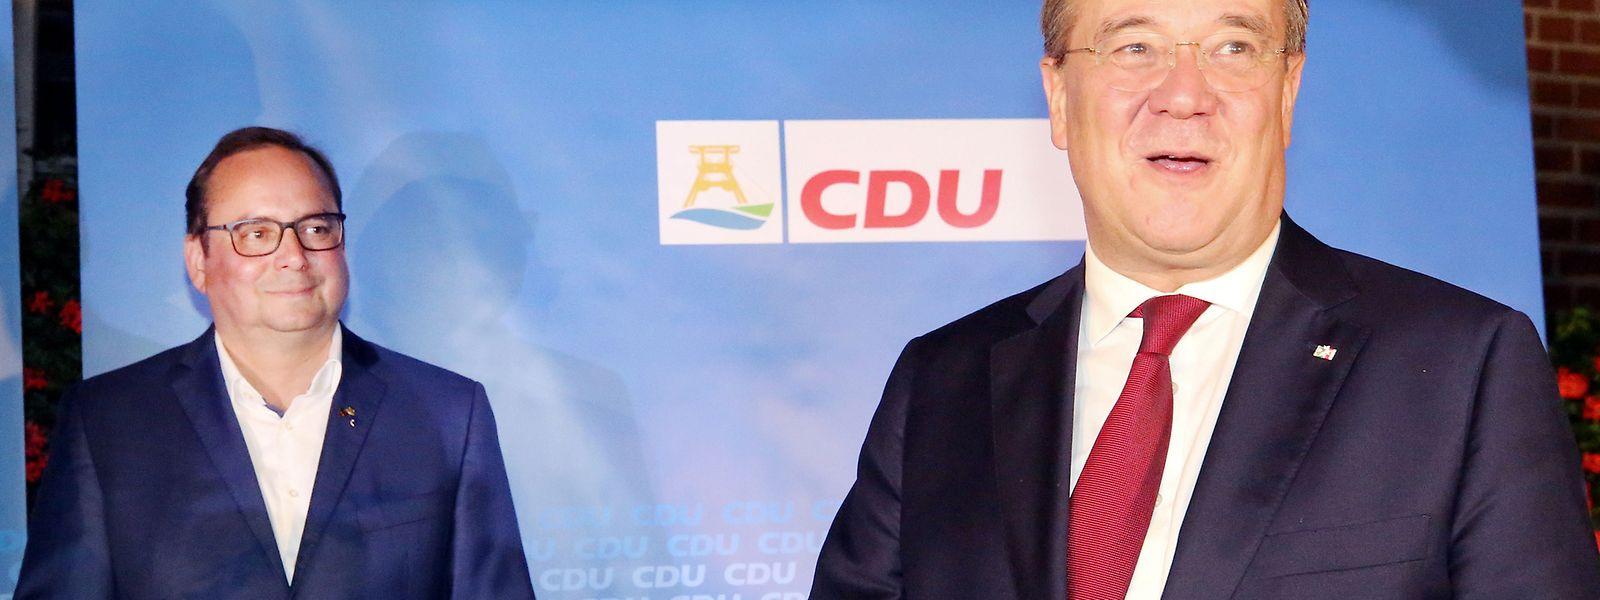 Der wiedergewählte Essener CDU-Oberbürgermeister Thomas Kufen freut sich mit dem Ministerpräsidenten des Landes, Armin Laschet, über den Sieg der CDU bei den Kommunalwahlen.